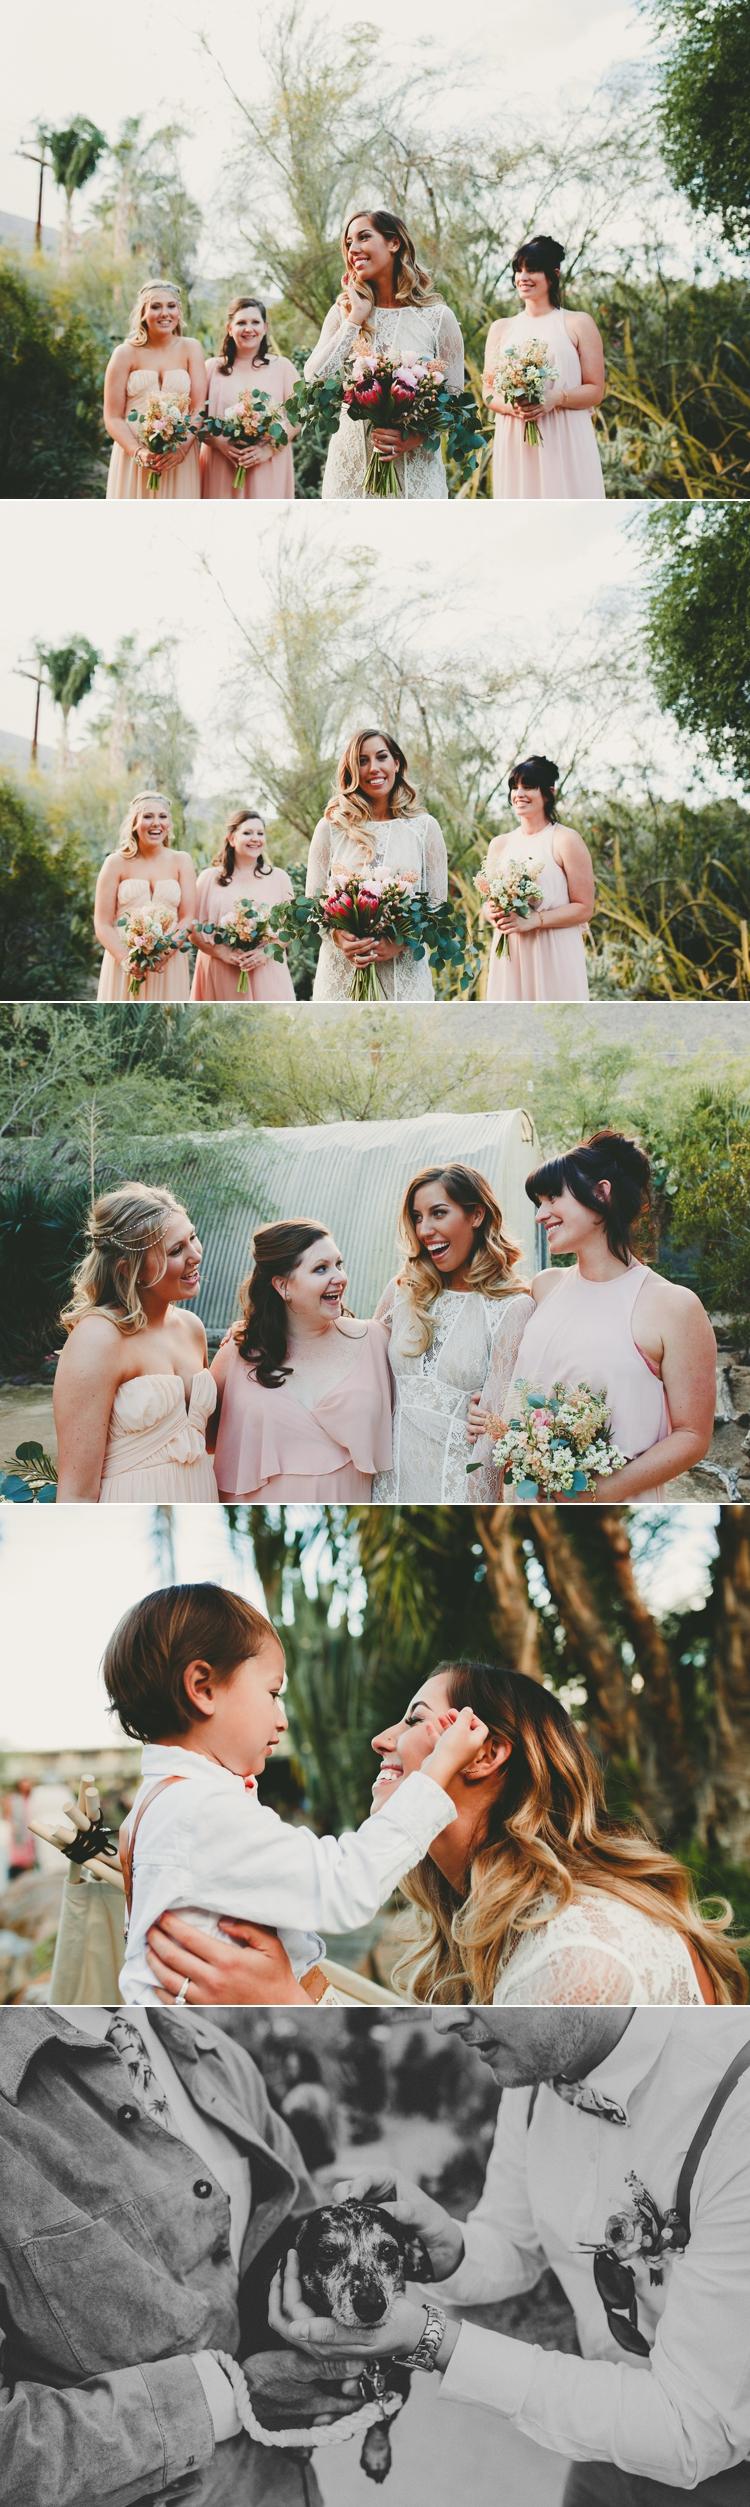 Moorten Botanical Garden Wedding Photos